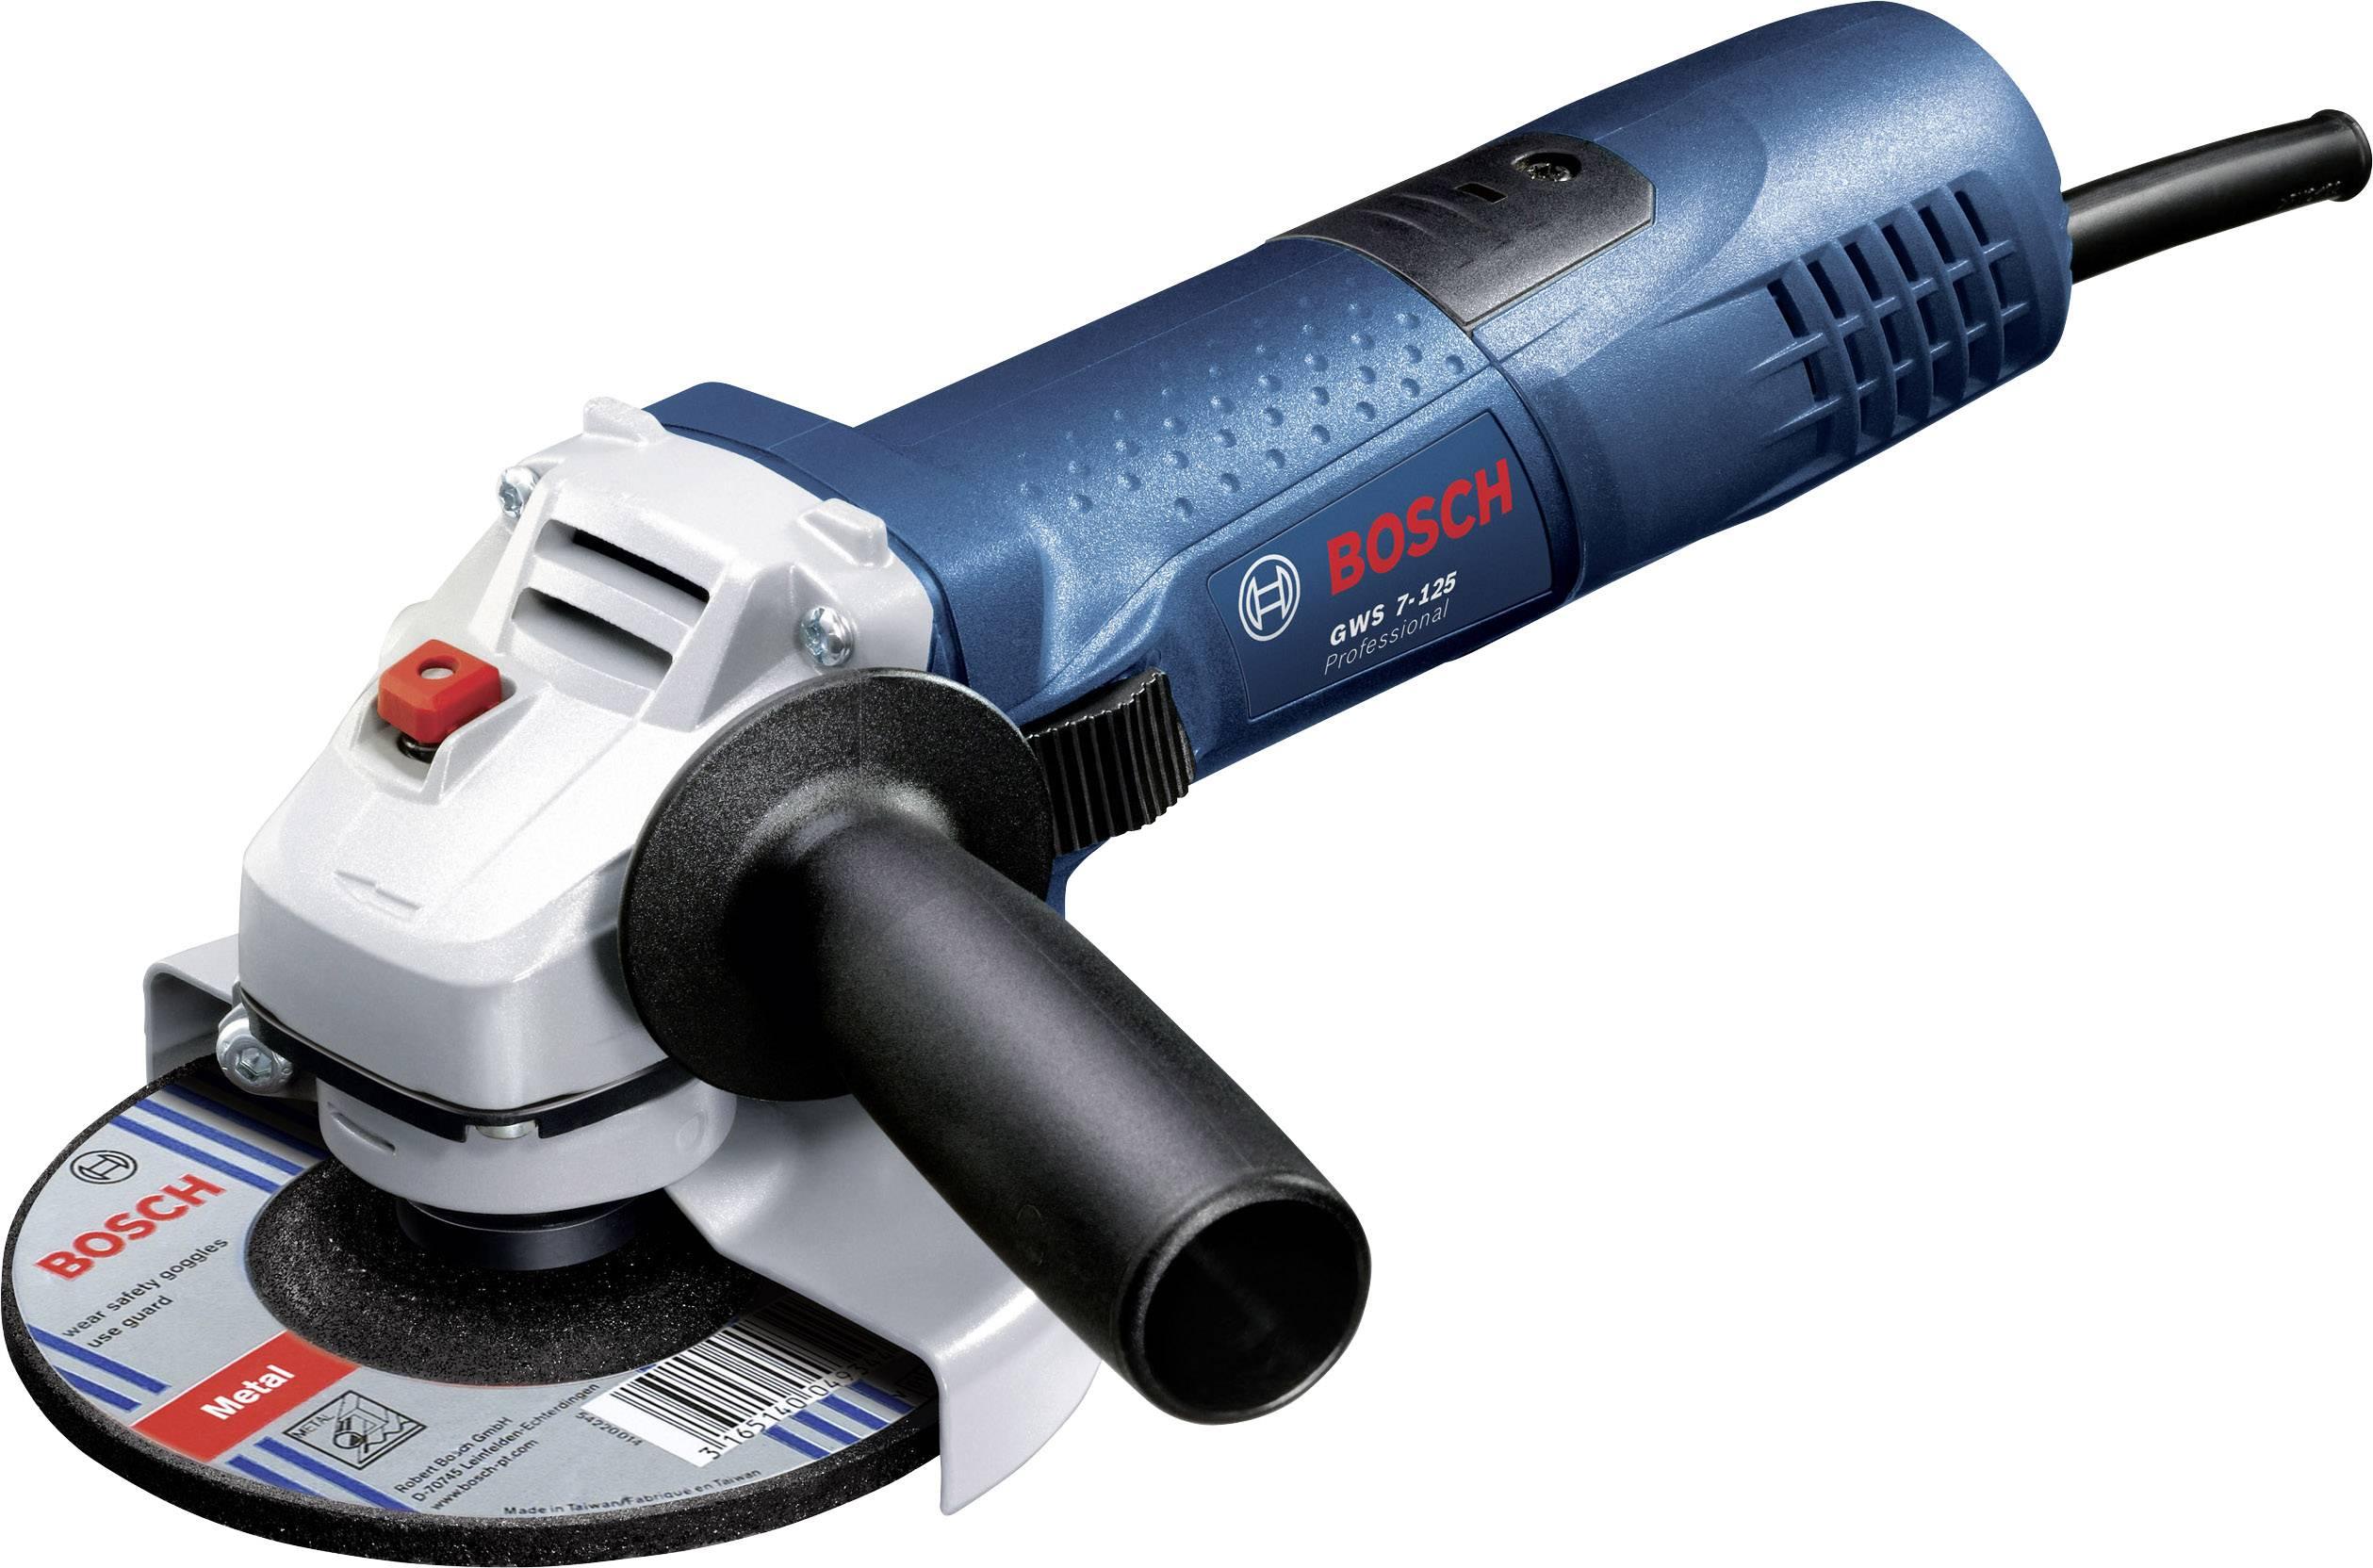 Uhlová brúska Bosch Professional GWS 7-125 0601388108, 125 mm, 720 W